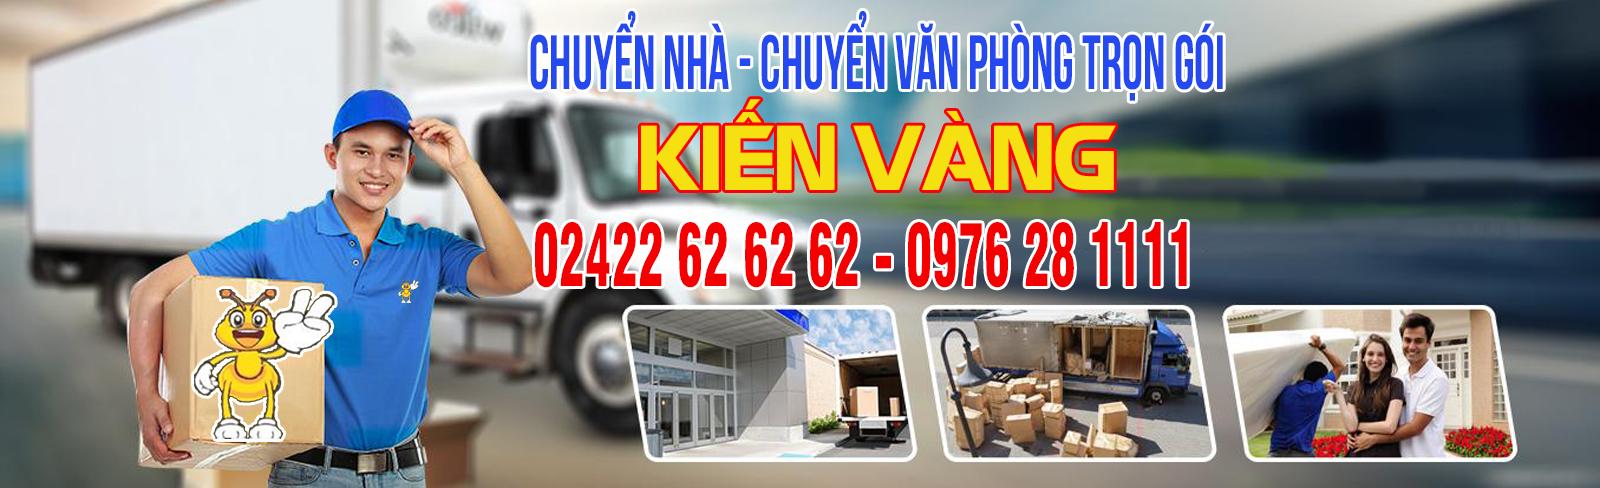 Dịch vụ chuyển nhà trọn gói tại Hà Nội